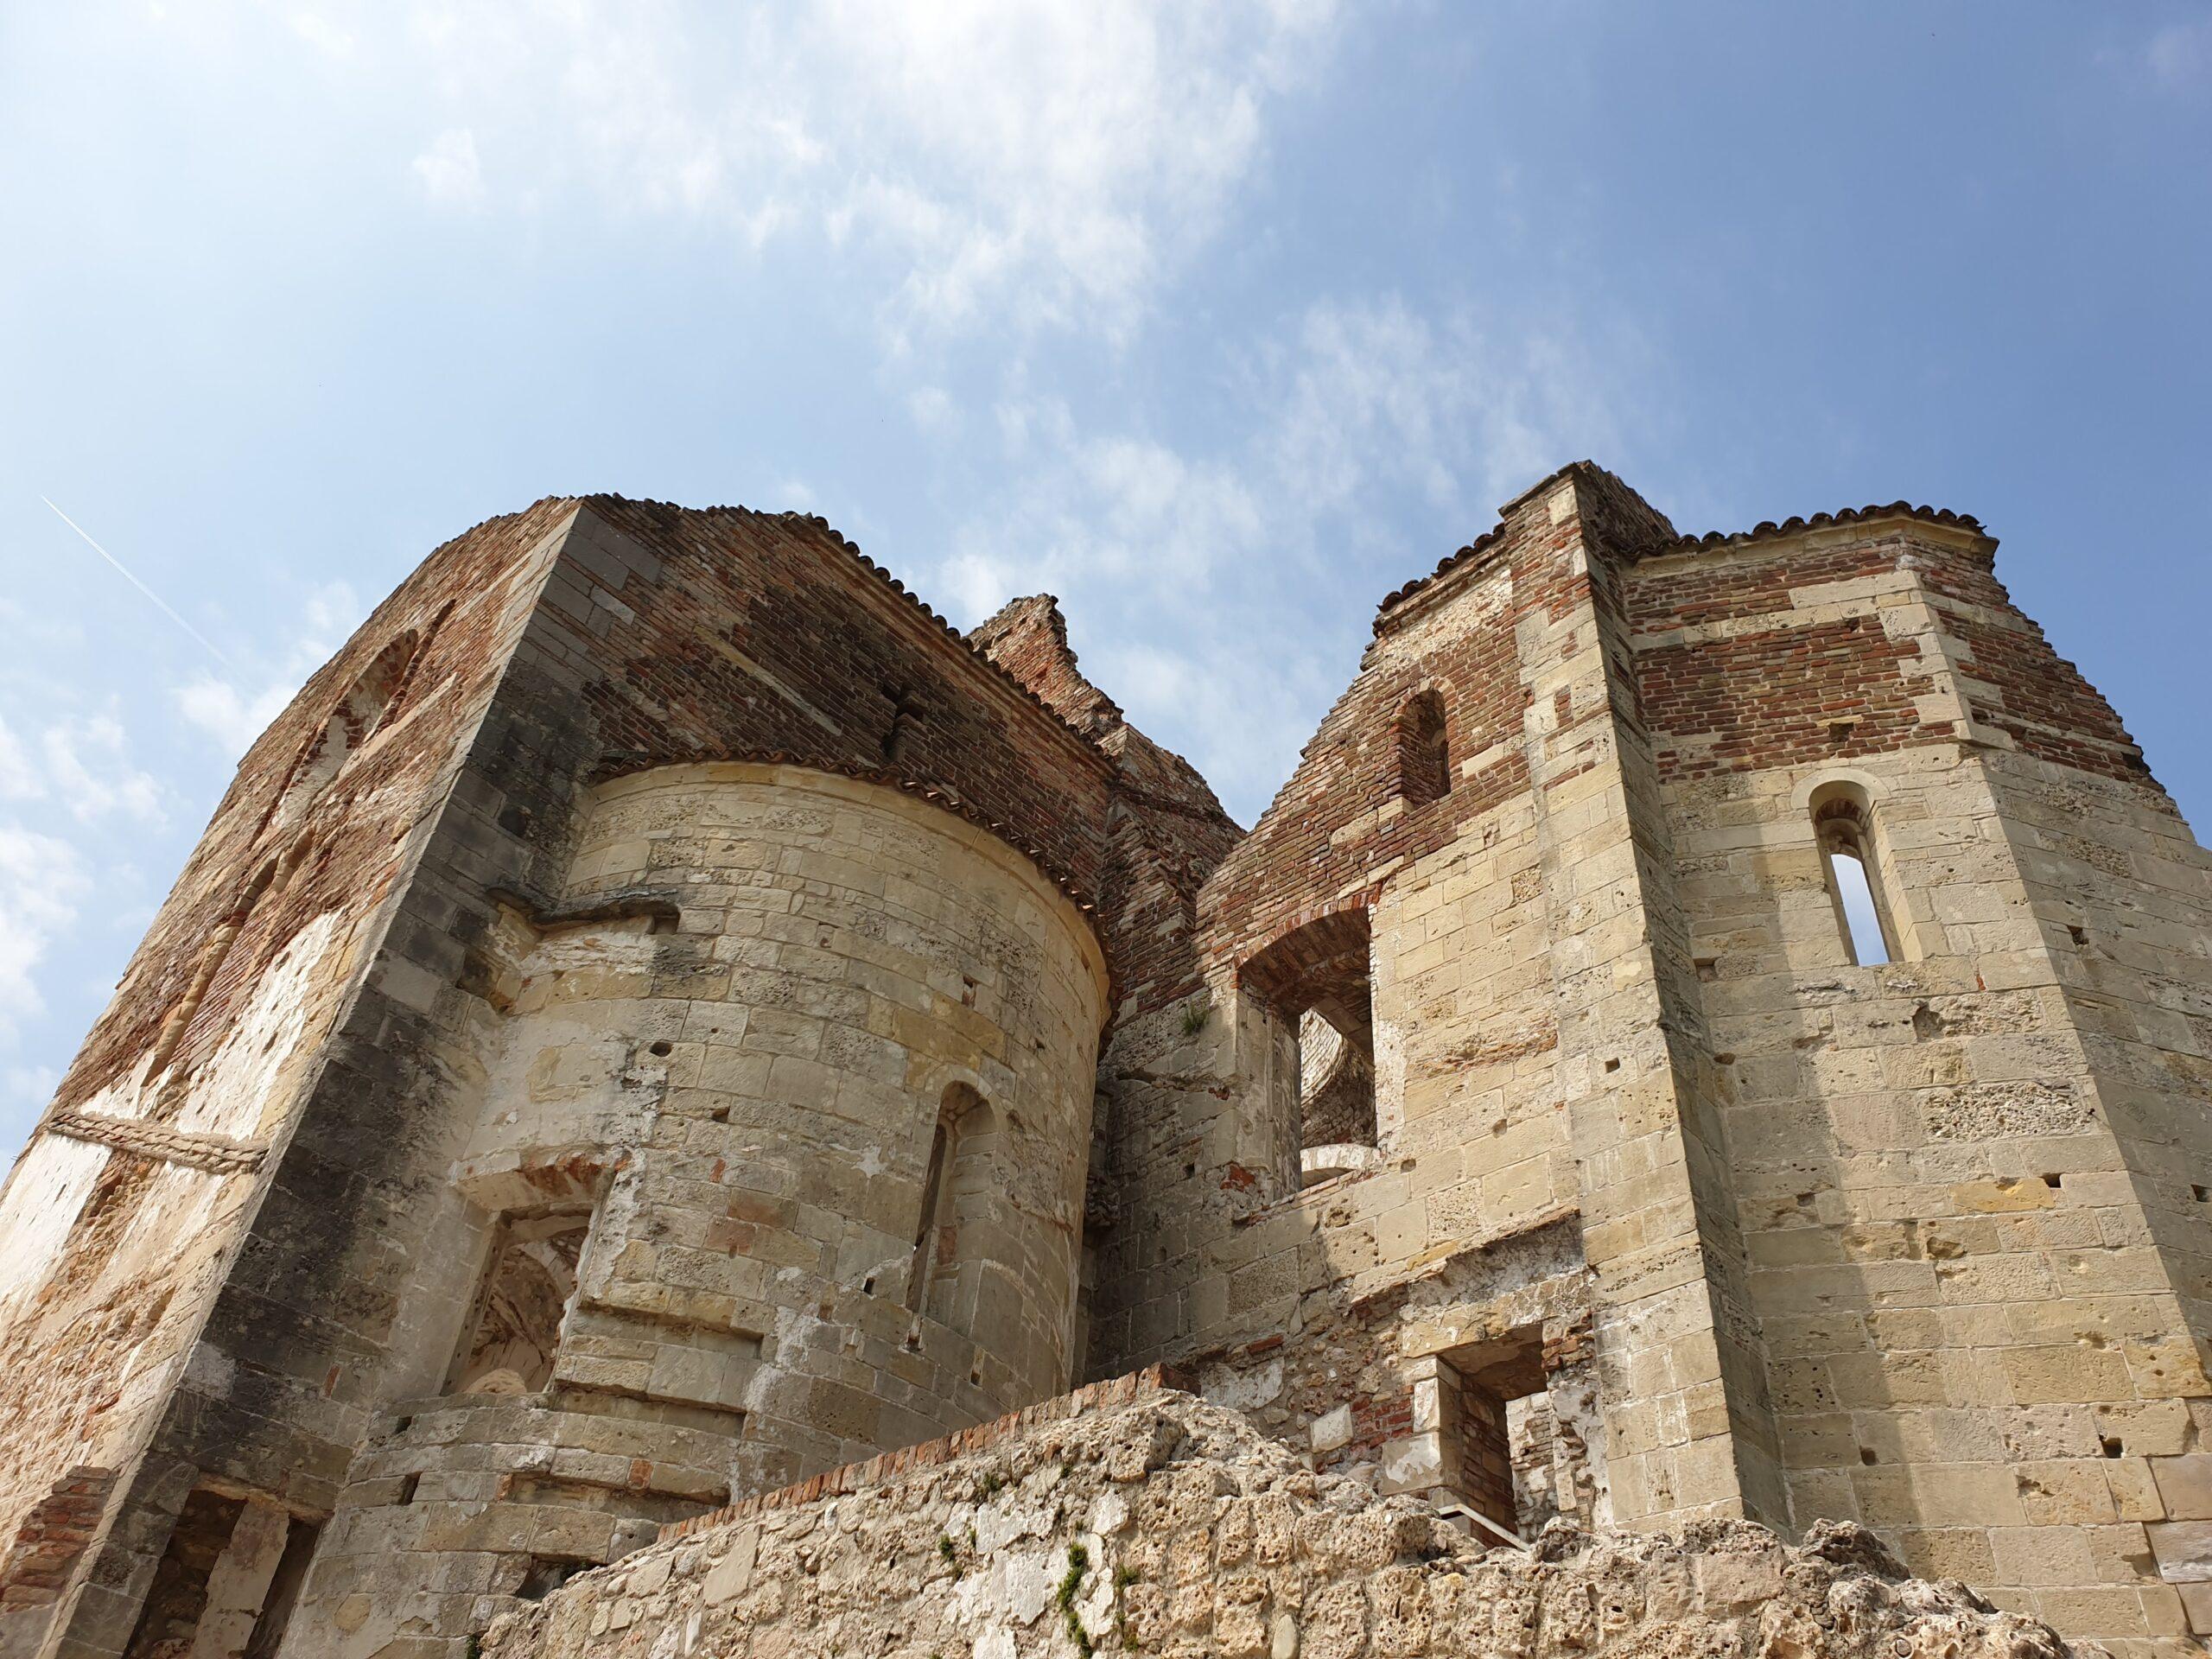 Abbazia di Sant'Eustachio a Nervesa della Battaglia (foto di Magda Beverari)